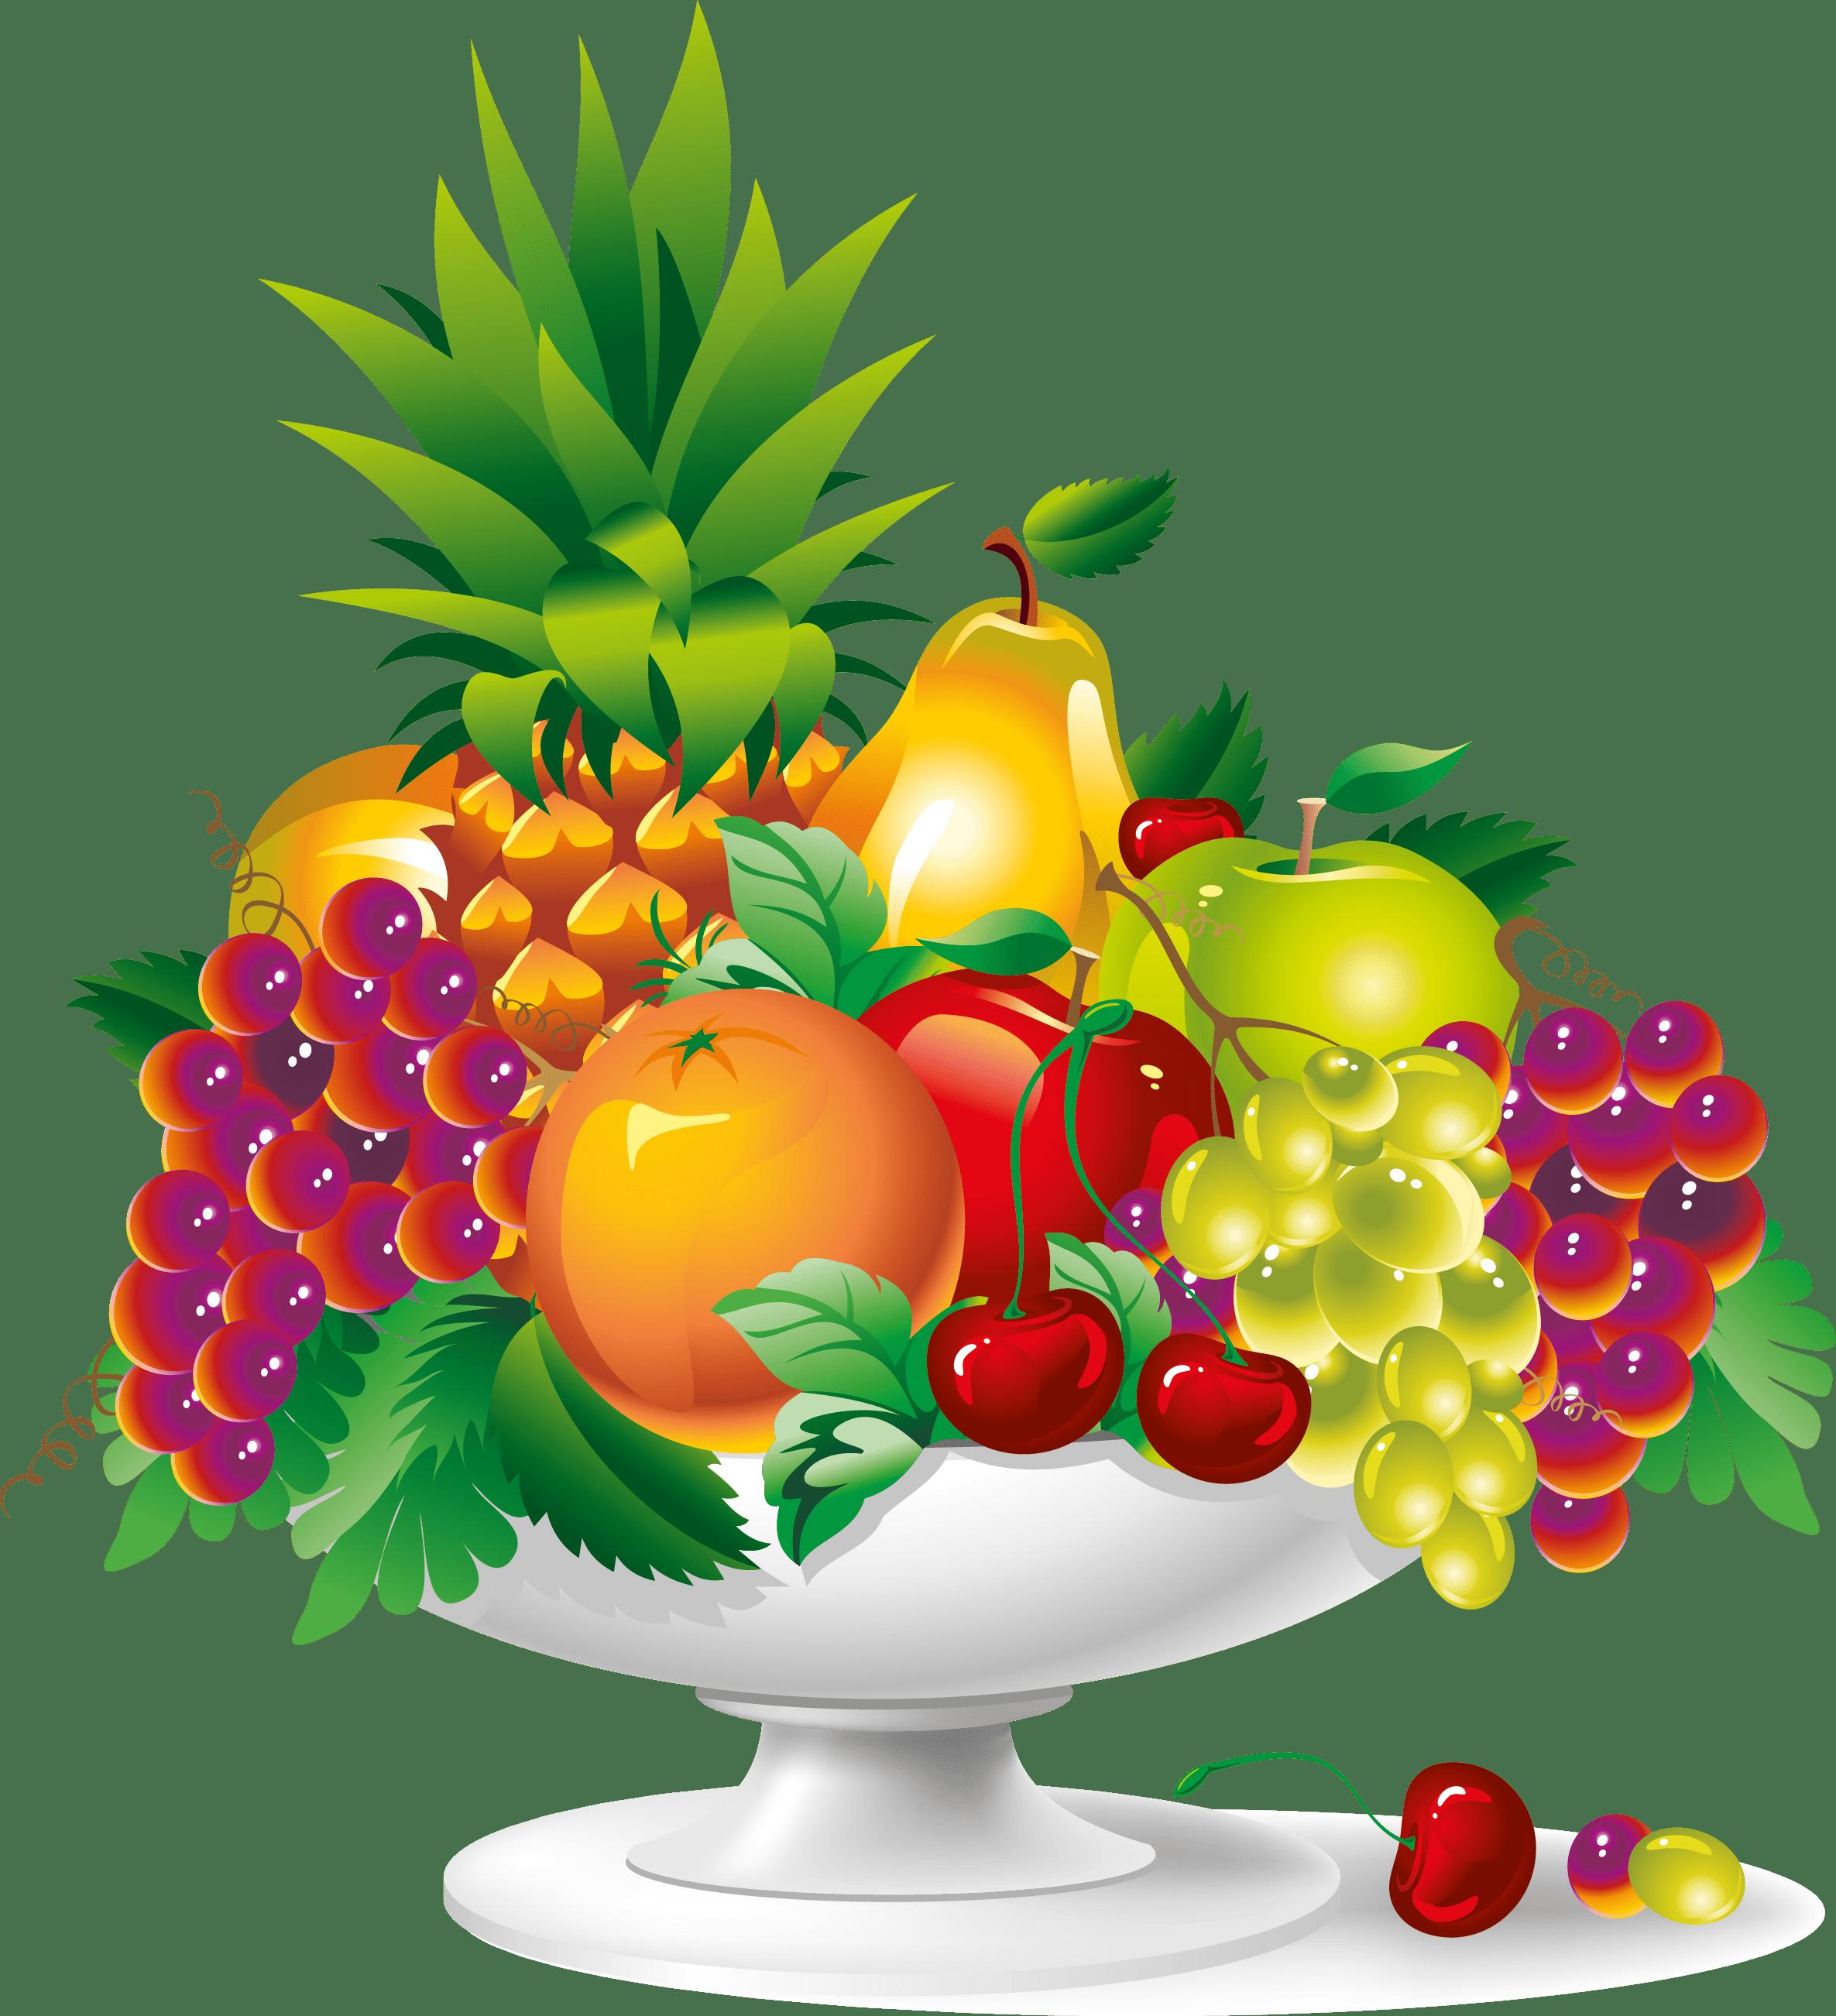 Fruit Plate Vector Art Download Vector.